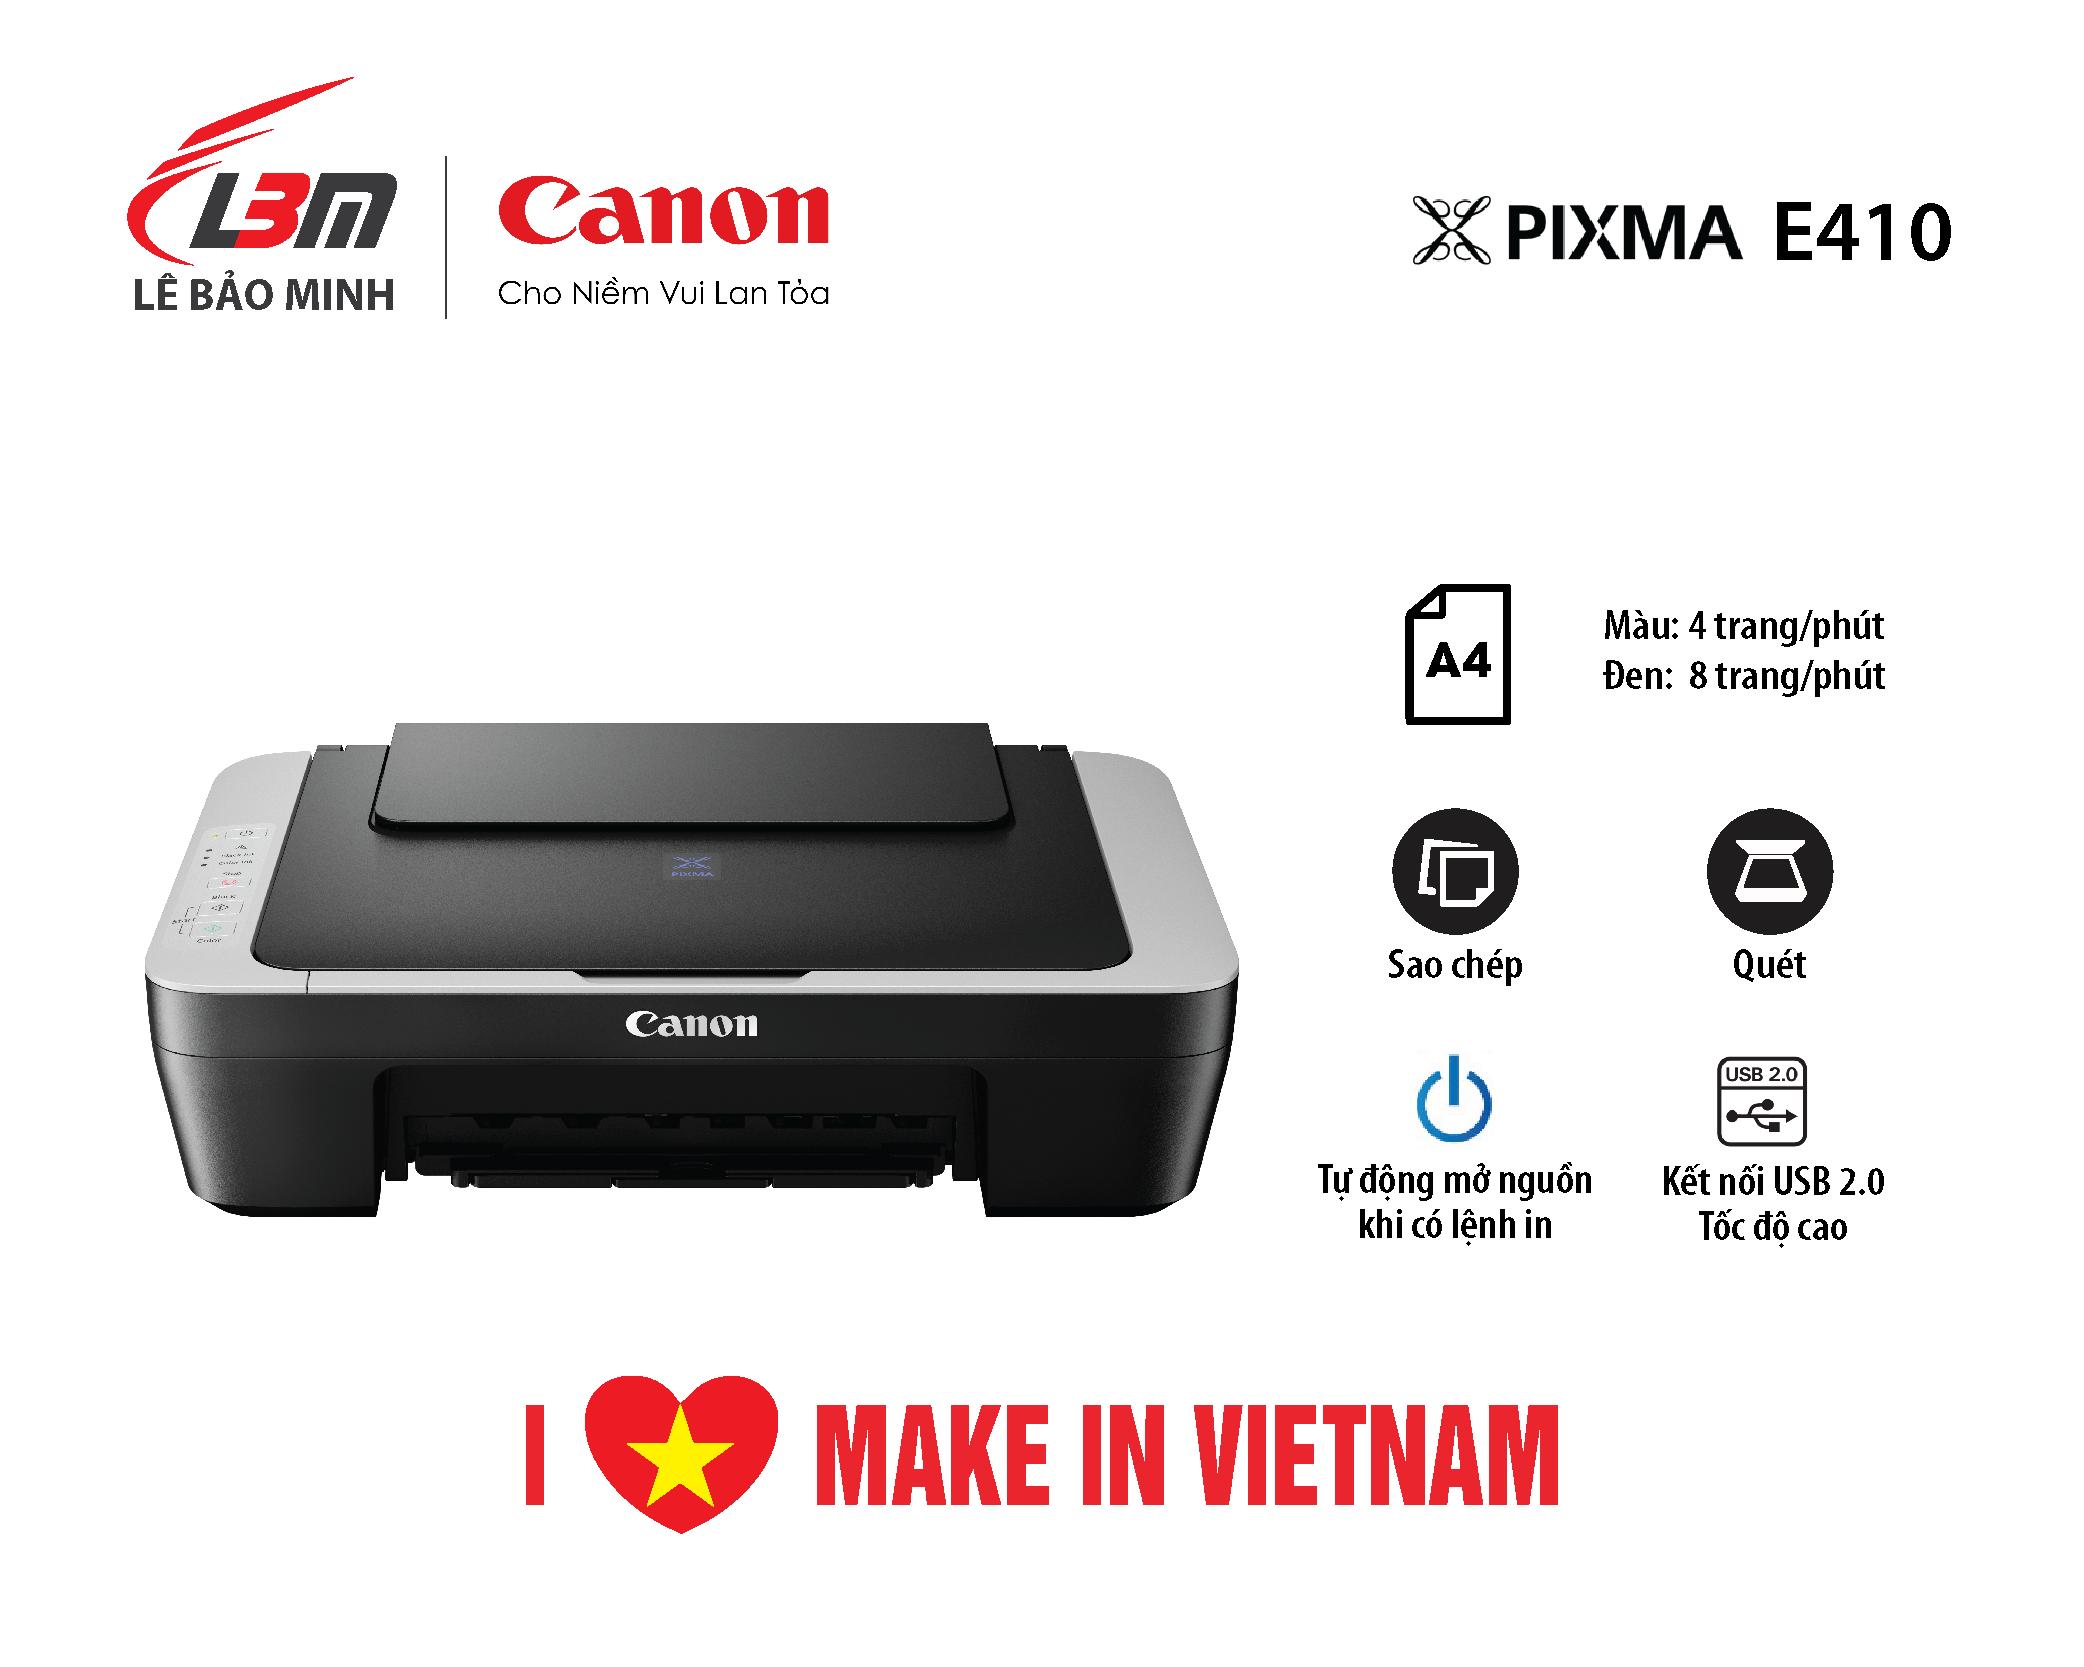 Máy in Phun Canon E410 Đa năng